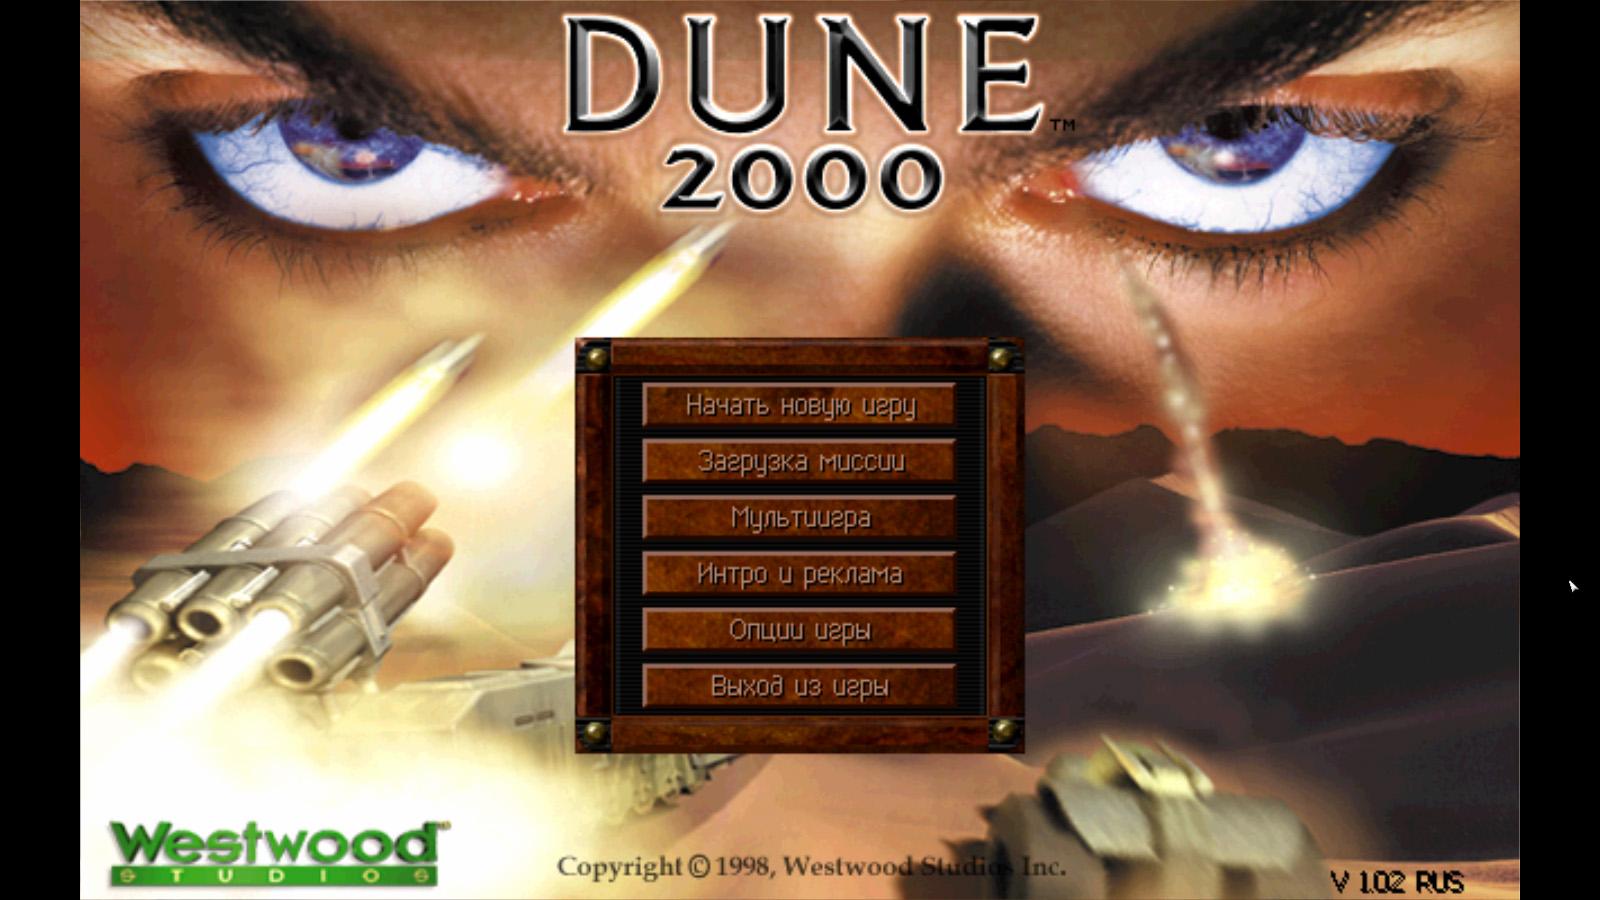 d2k1 | Dune 2000 Remastered